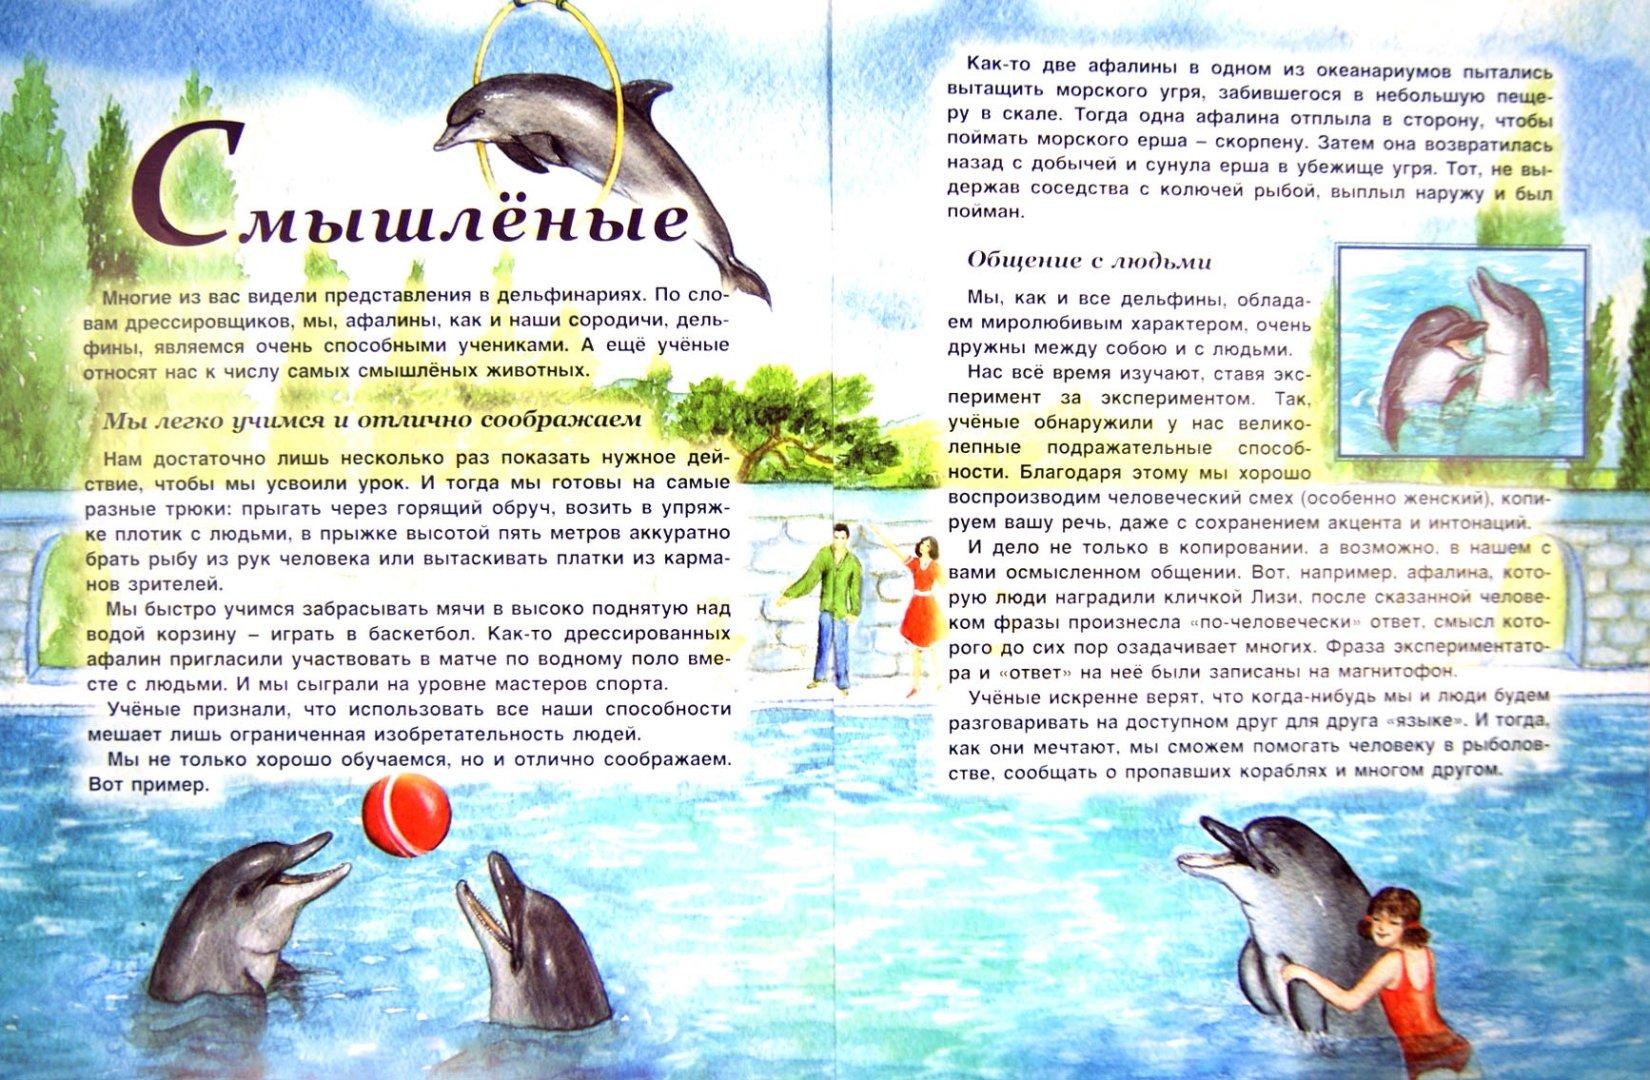 Иллюстрация 1 из 18 для Млекопитающие - Татьяна Жданова | Лабиринт - книги. Источник: Лабиринт